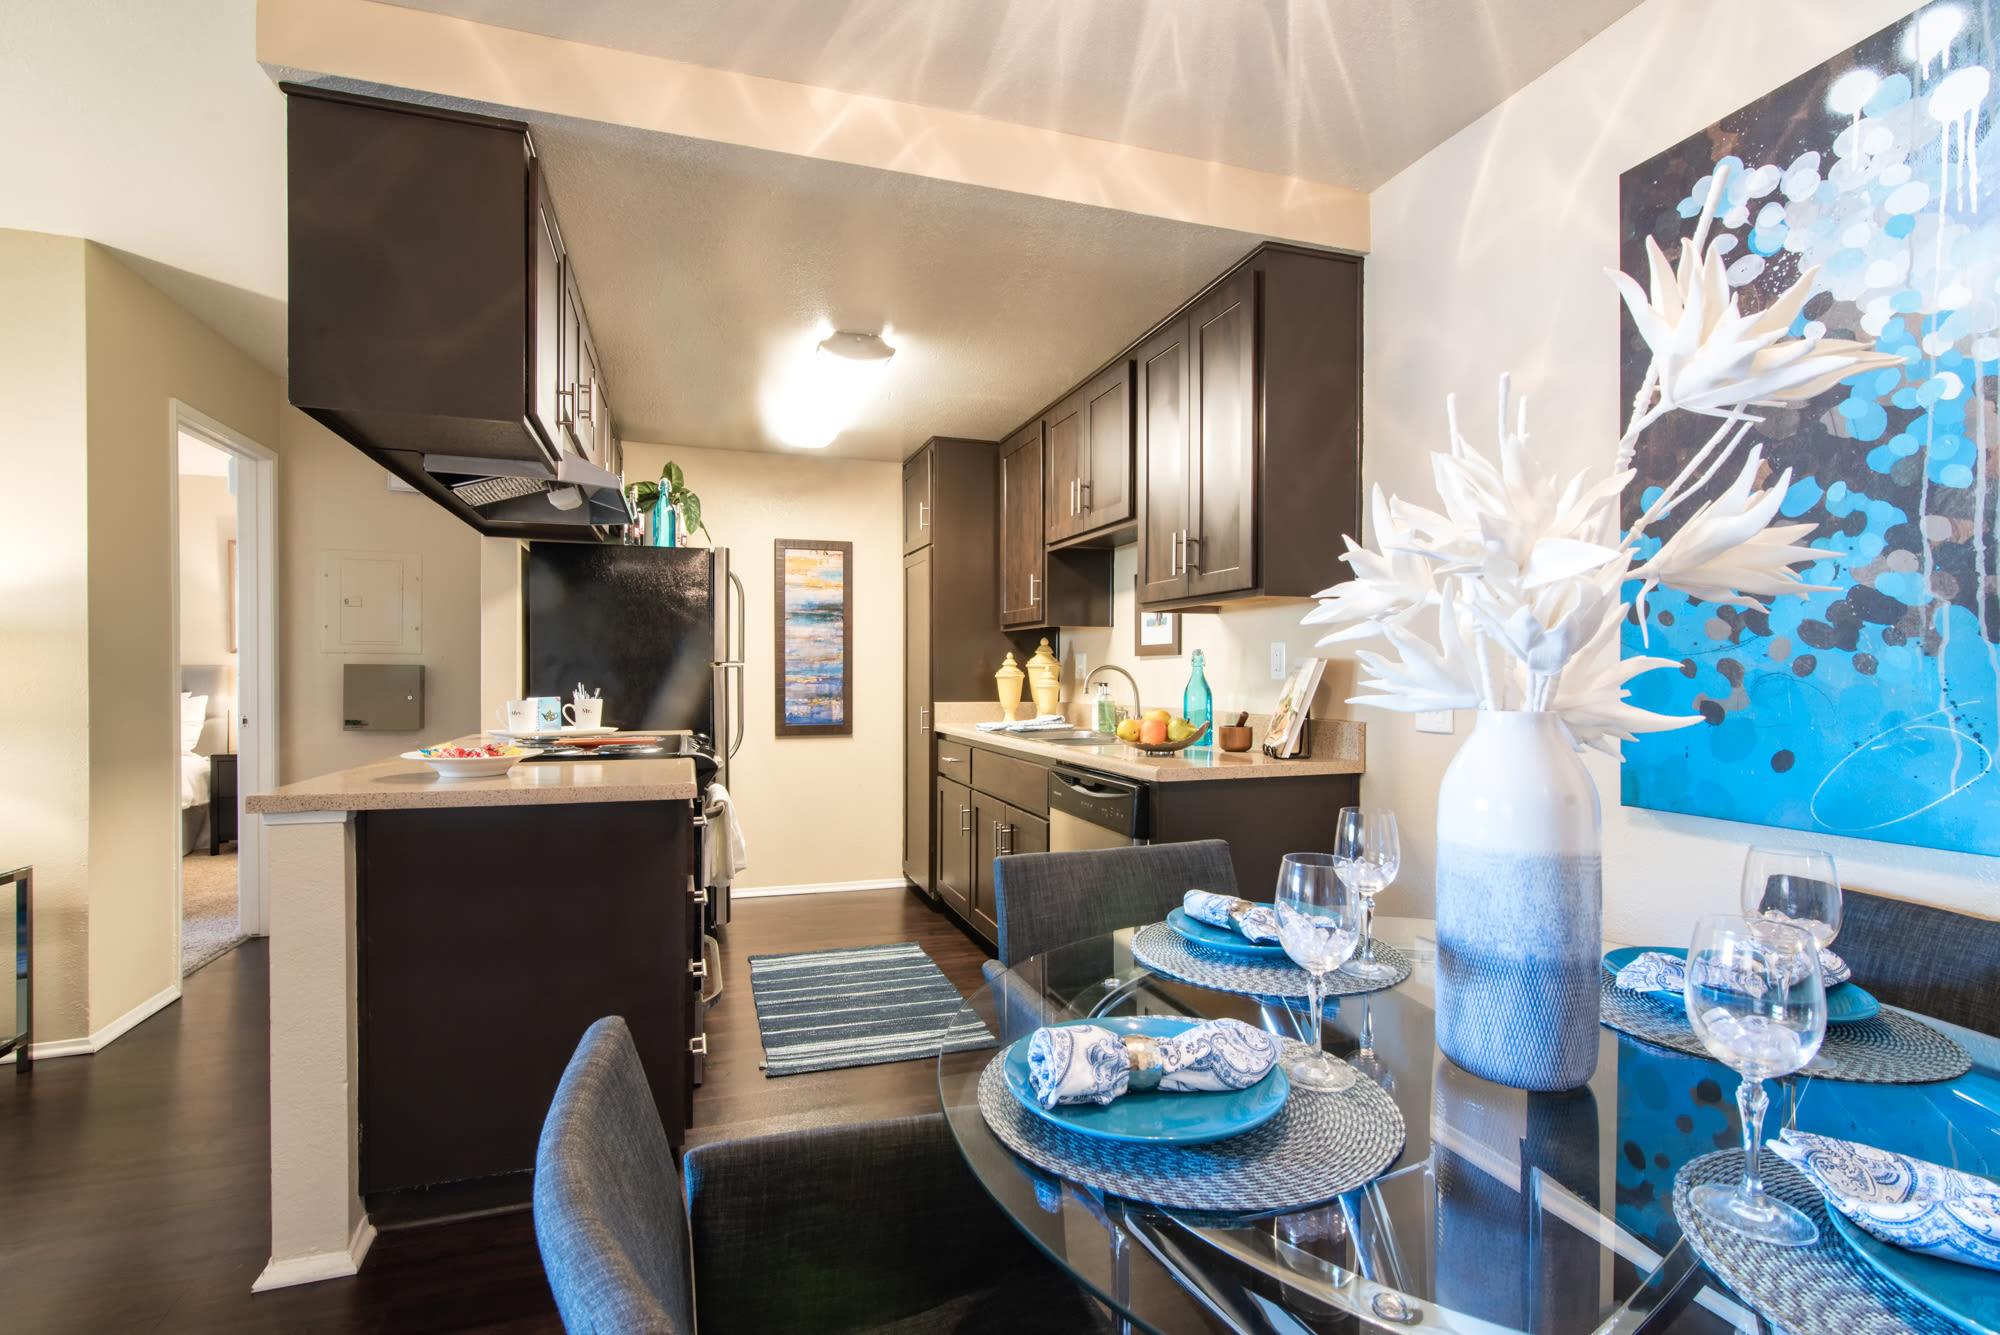 Terra Nova Chula Vista, CA Apartments for Rent | Terra Nova Villas